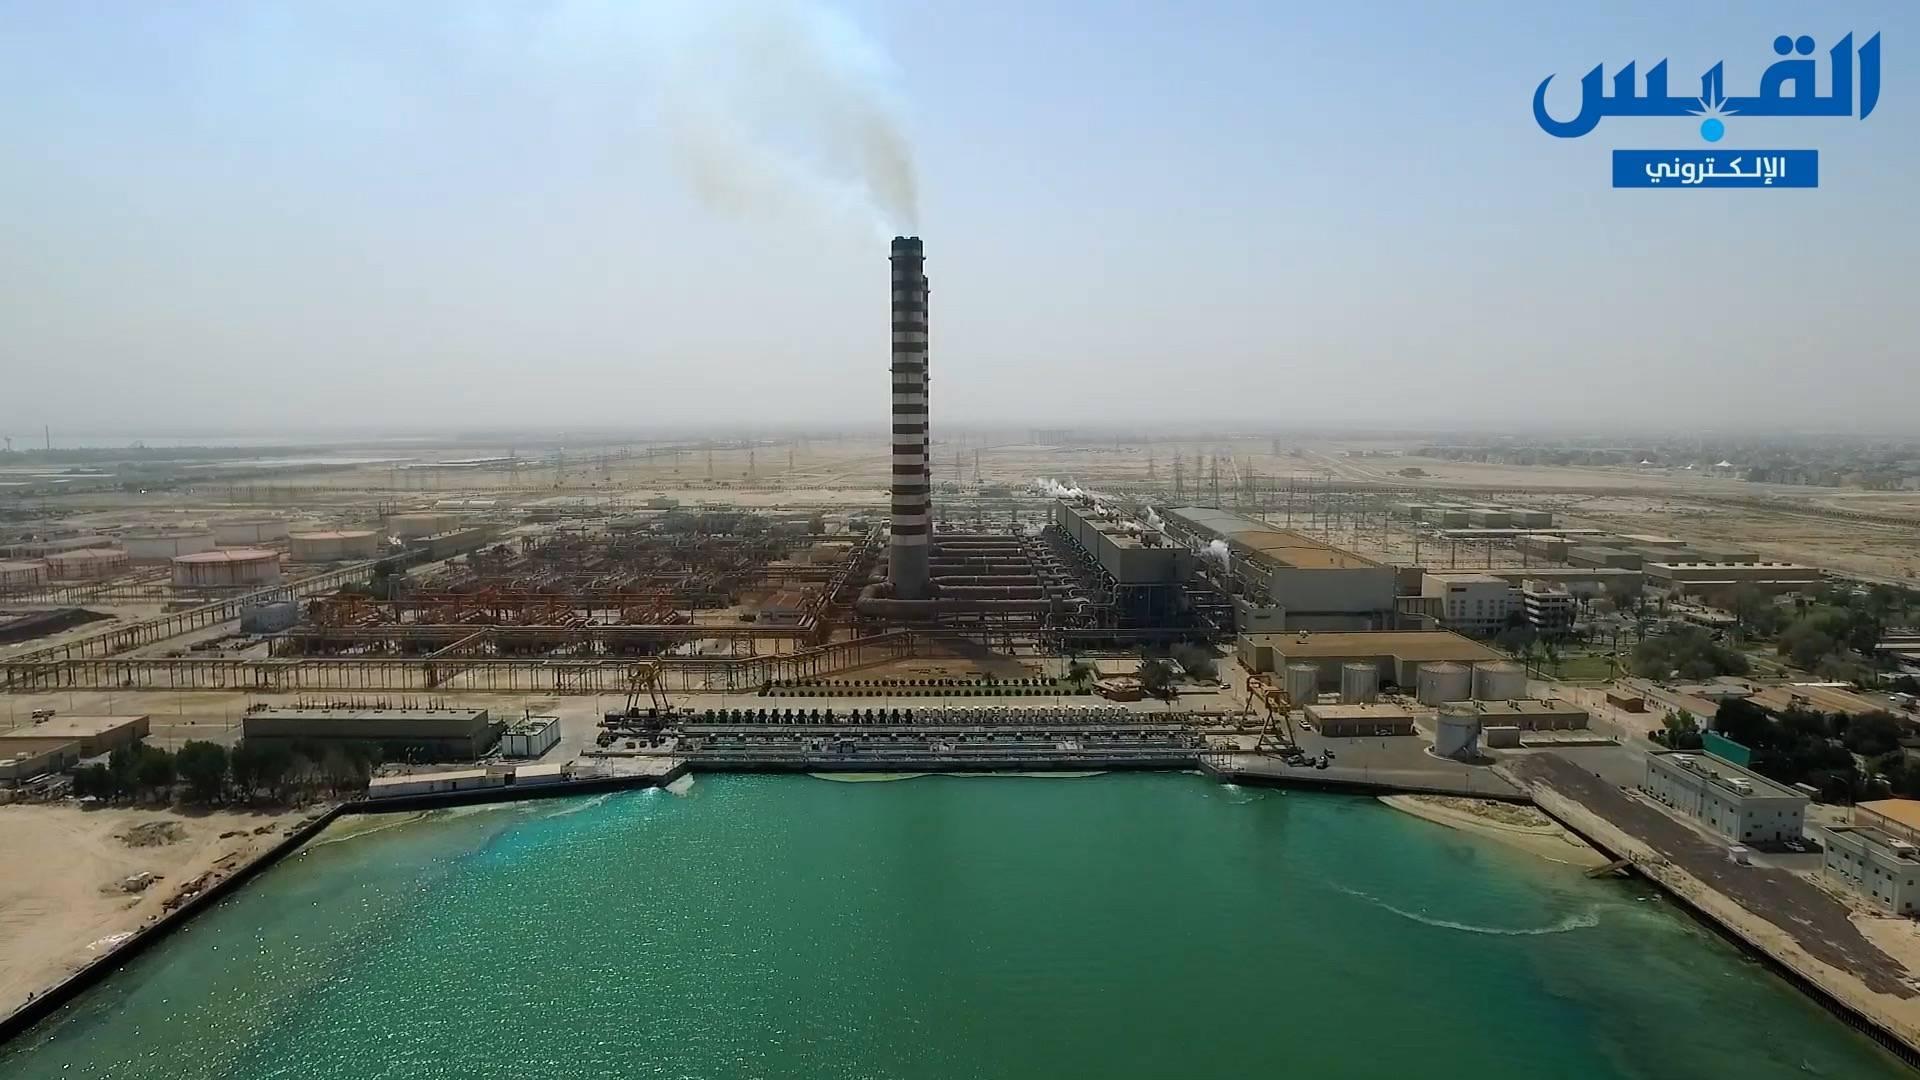 «الباب المفتوح» يستهل موسمه الجديد بفتح ملف أزمة «شحّ المياه» وخطرها على الكويت